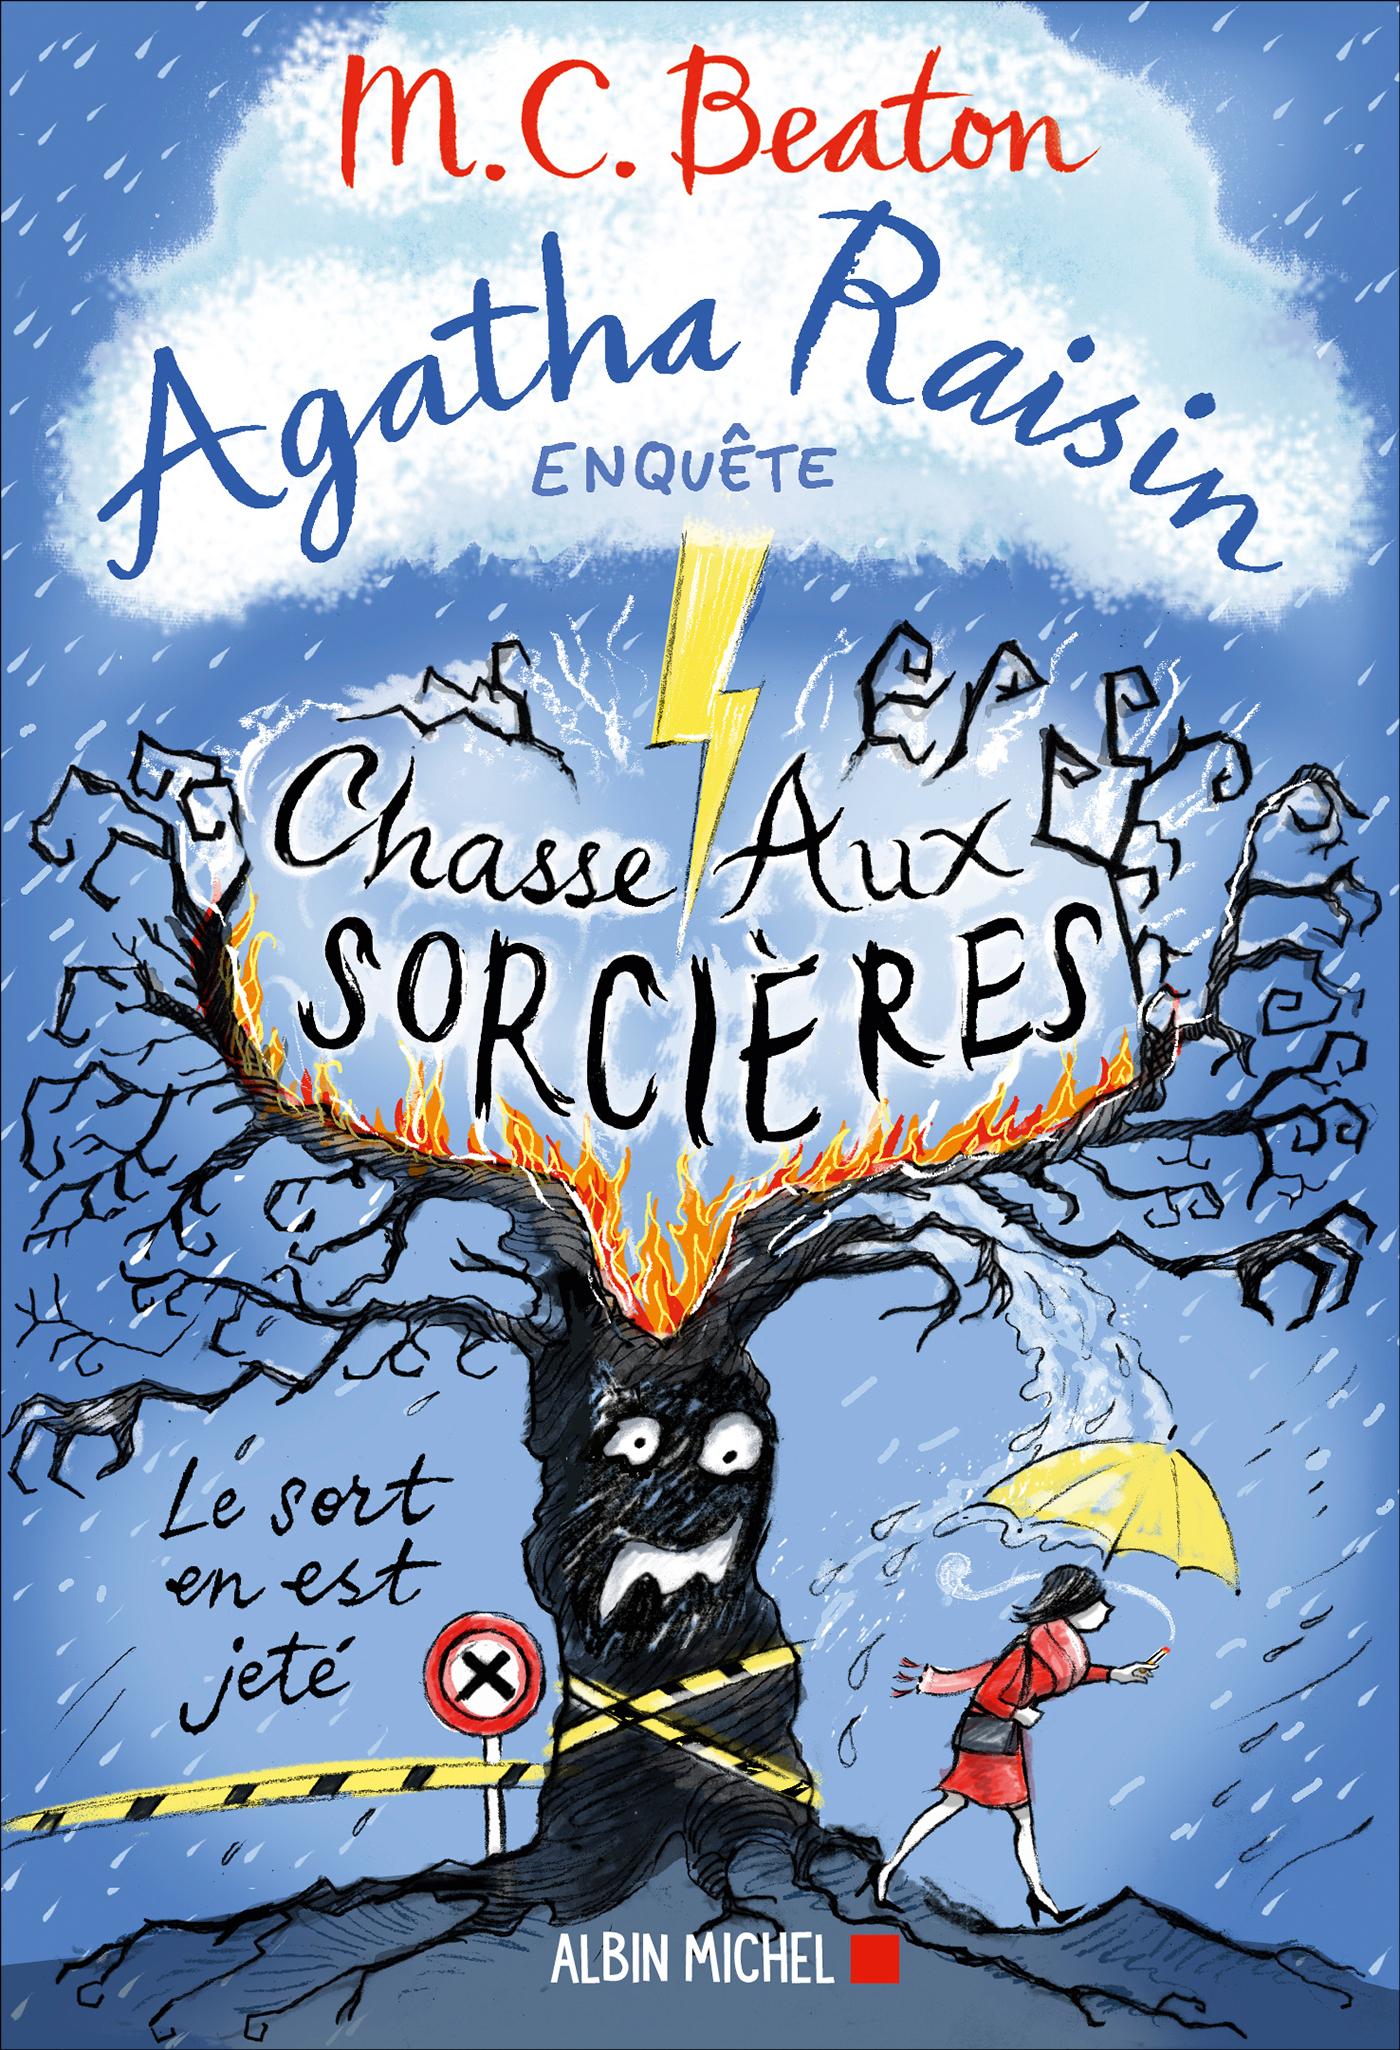 Agatha Raisin 28 - Chasse aux sorcières | Beaton, M. C.. Auteur